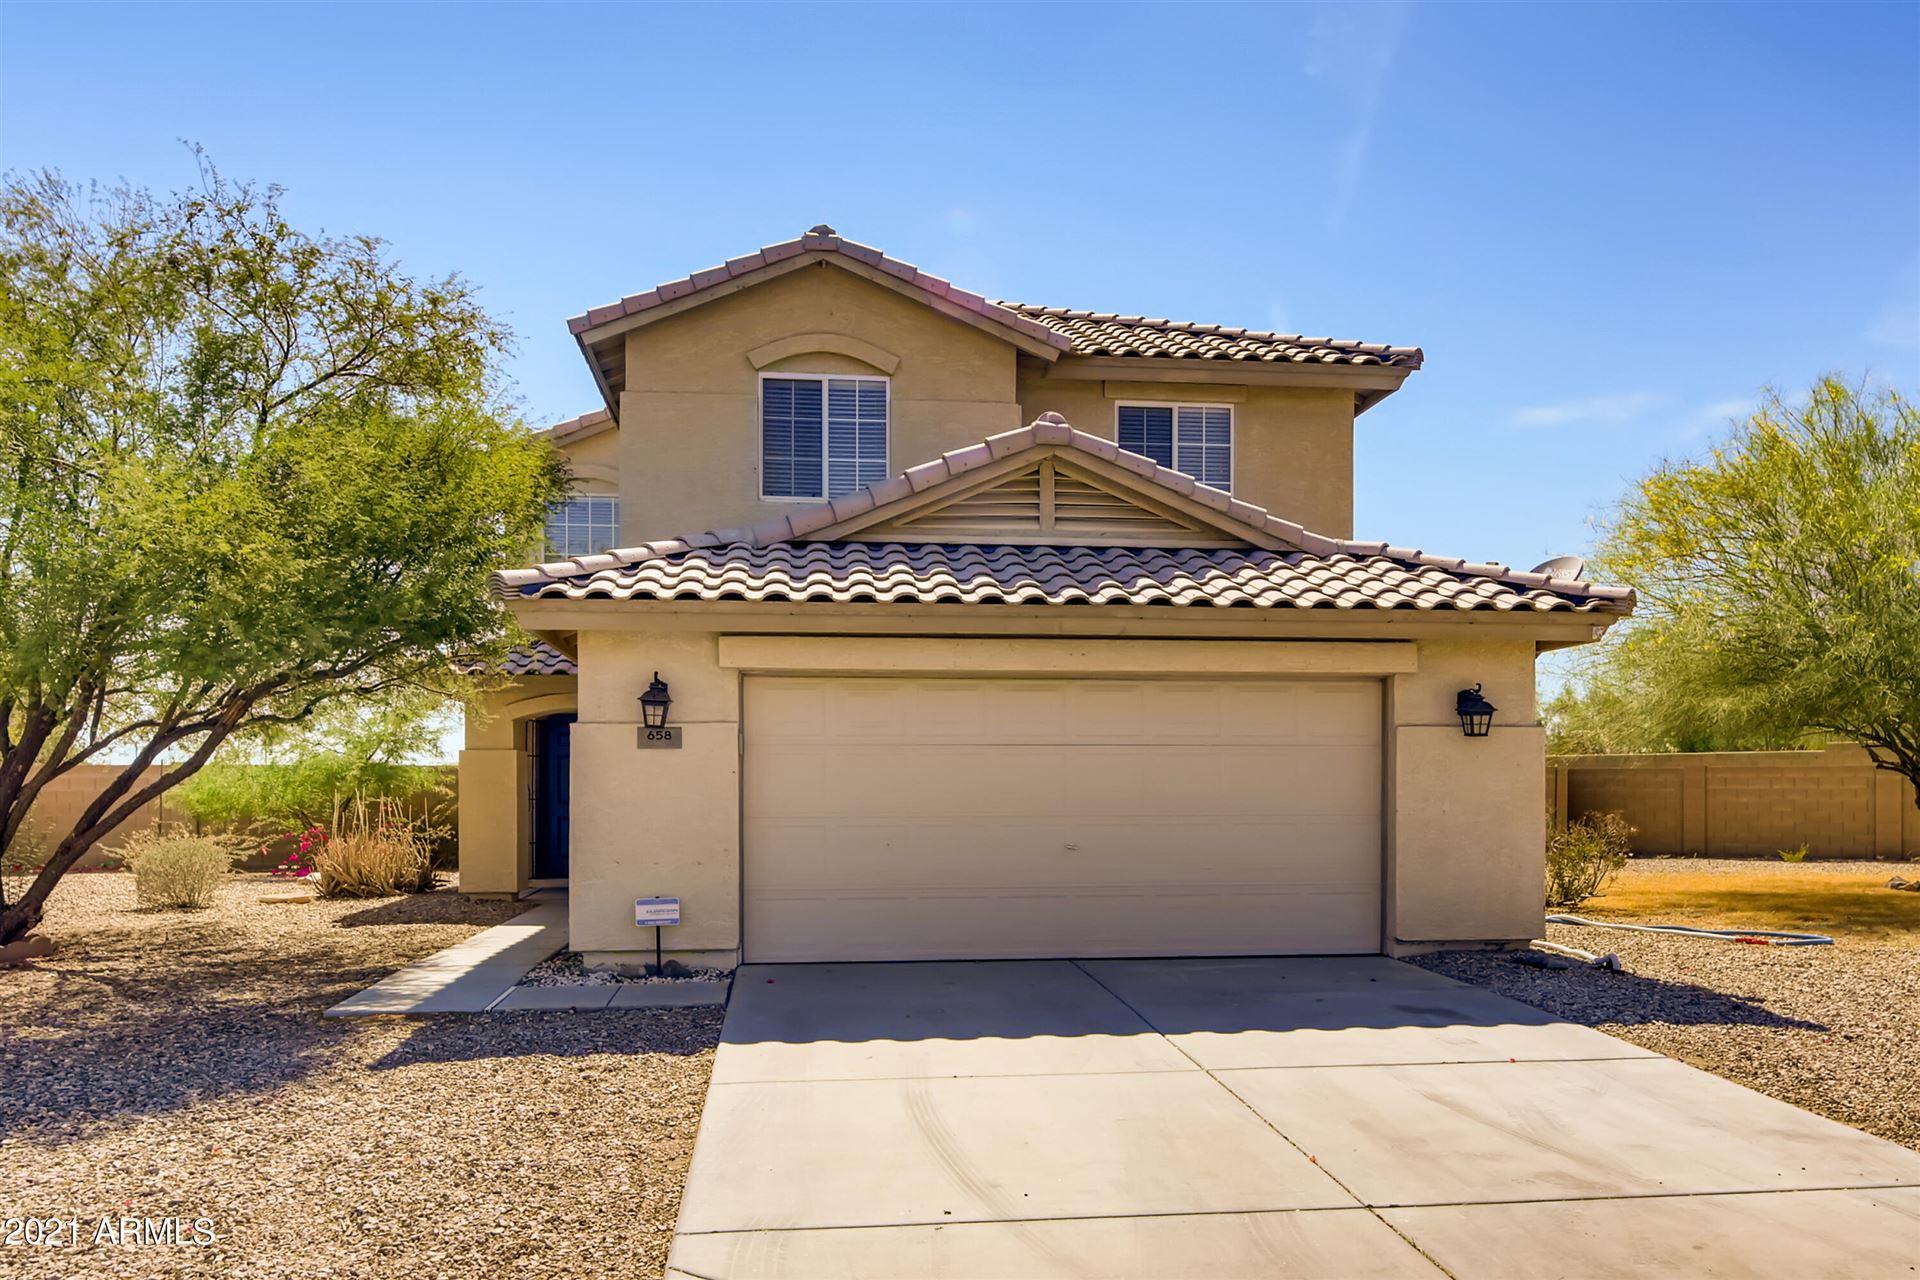 Photo of 658 S 223RD Lane, Buckeye, AZ 85326 (MLS # 6249942)